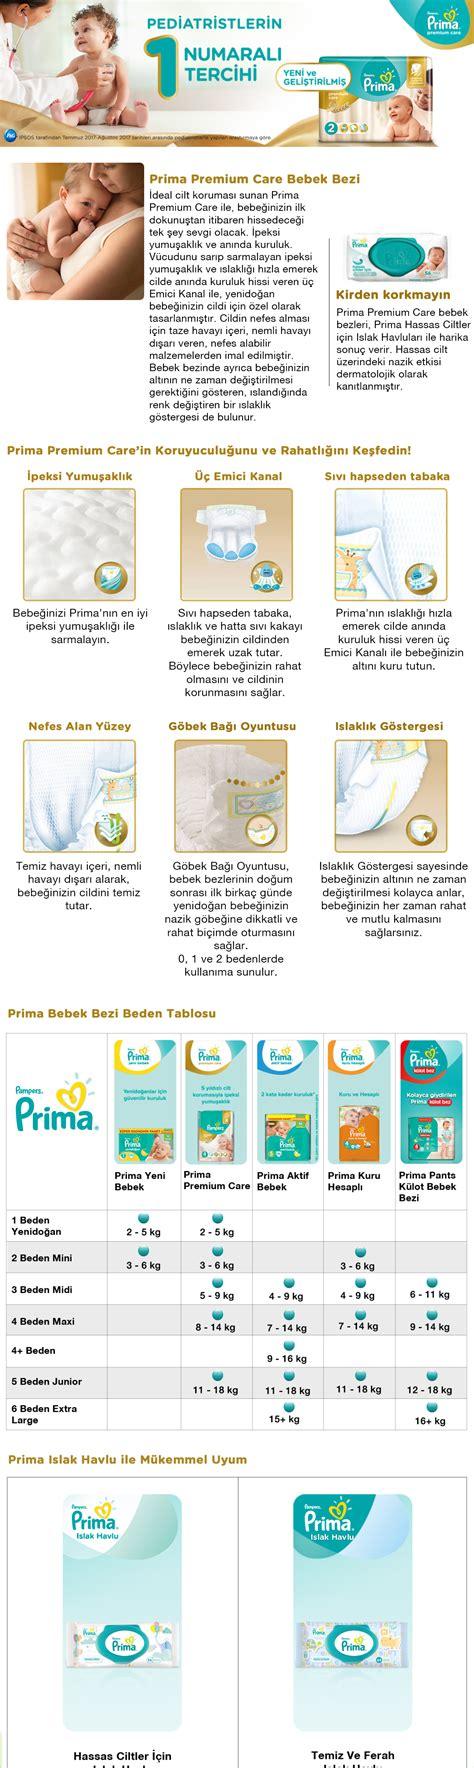 Sabun Ekonomi 1 Kg prima bebek bezi premium care 1 beden yenidoğan dev